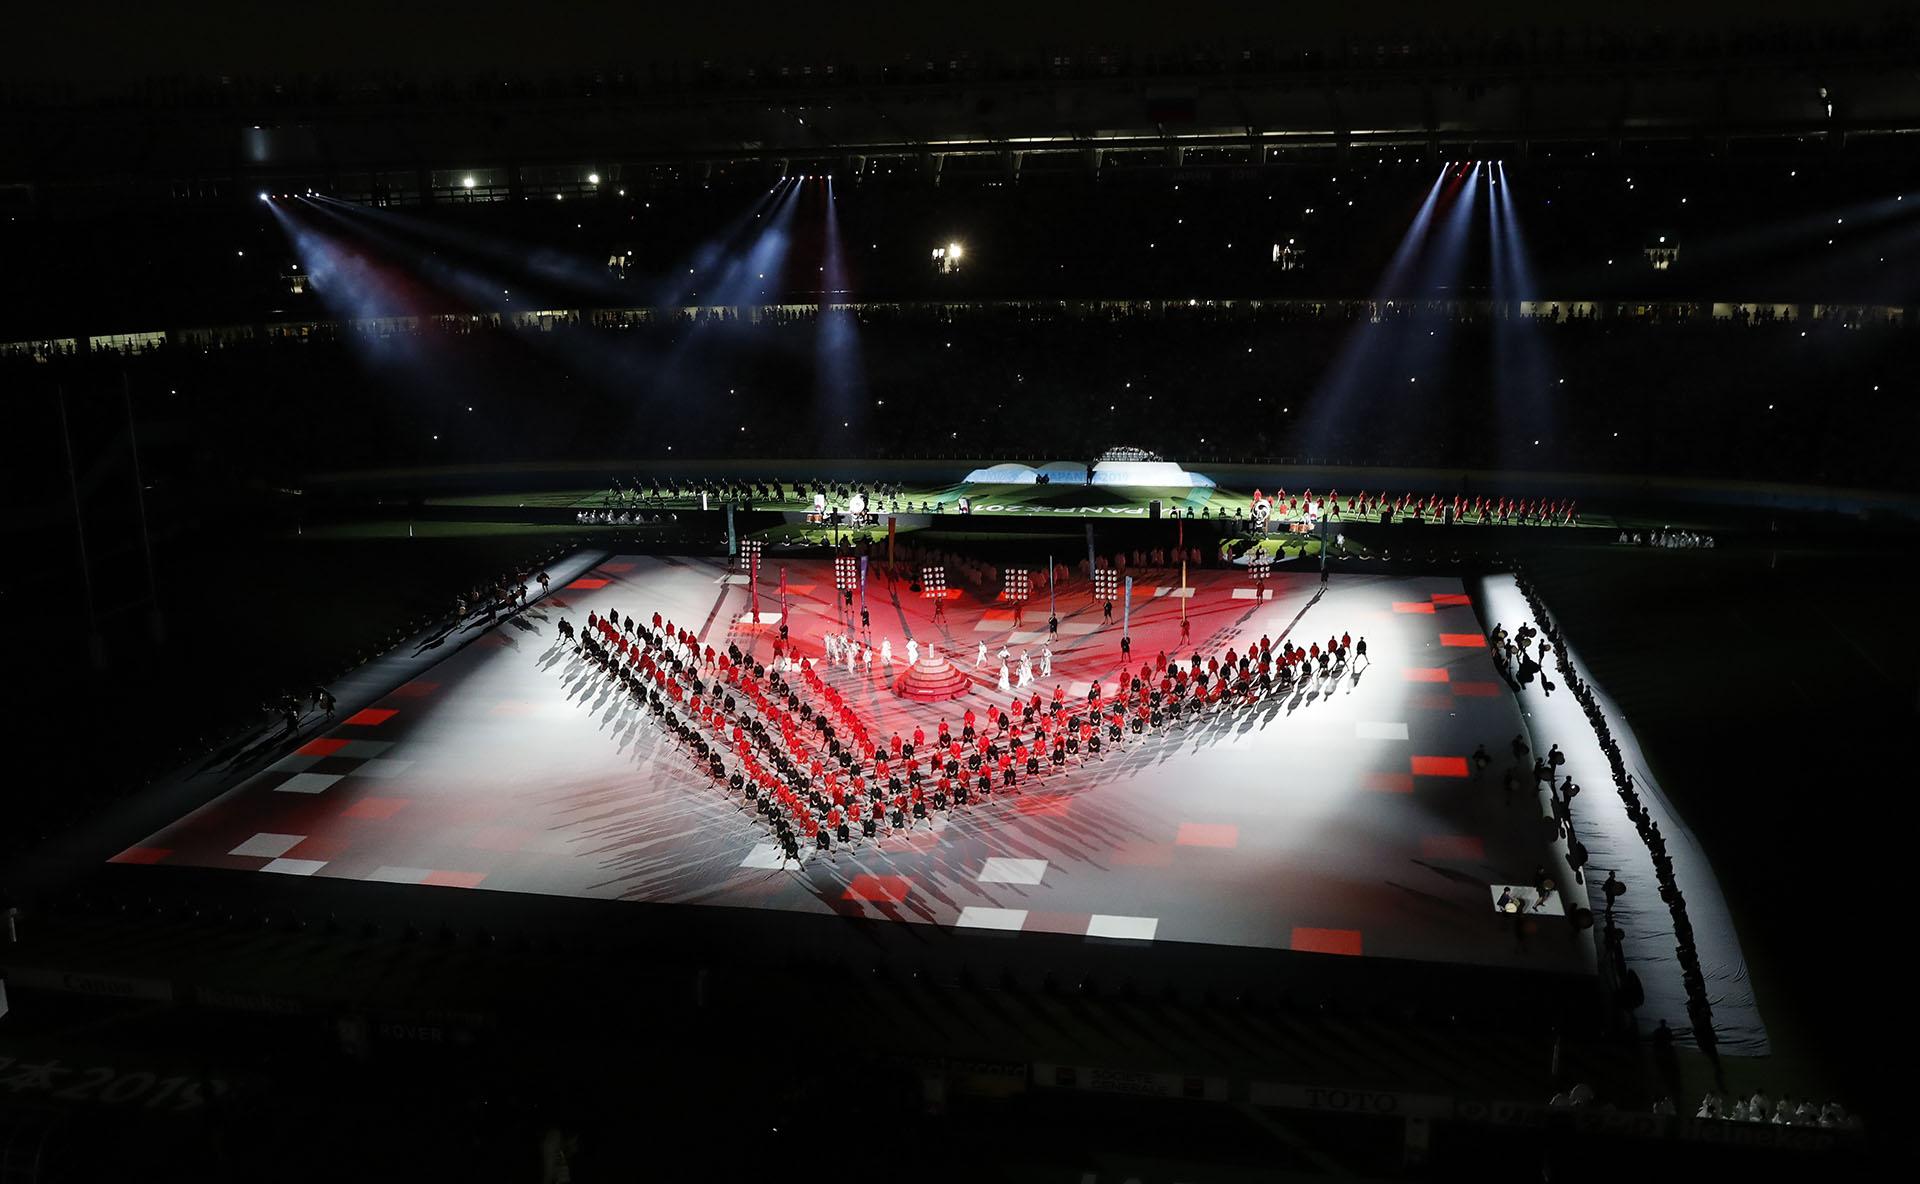 Comenzó la novena edición de la Copa del Mundo de rugby (REUTERS/Issei Kato)